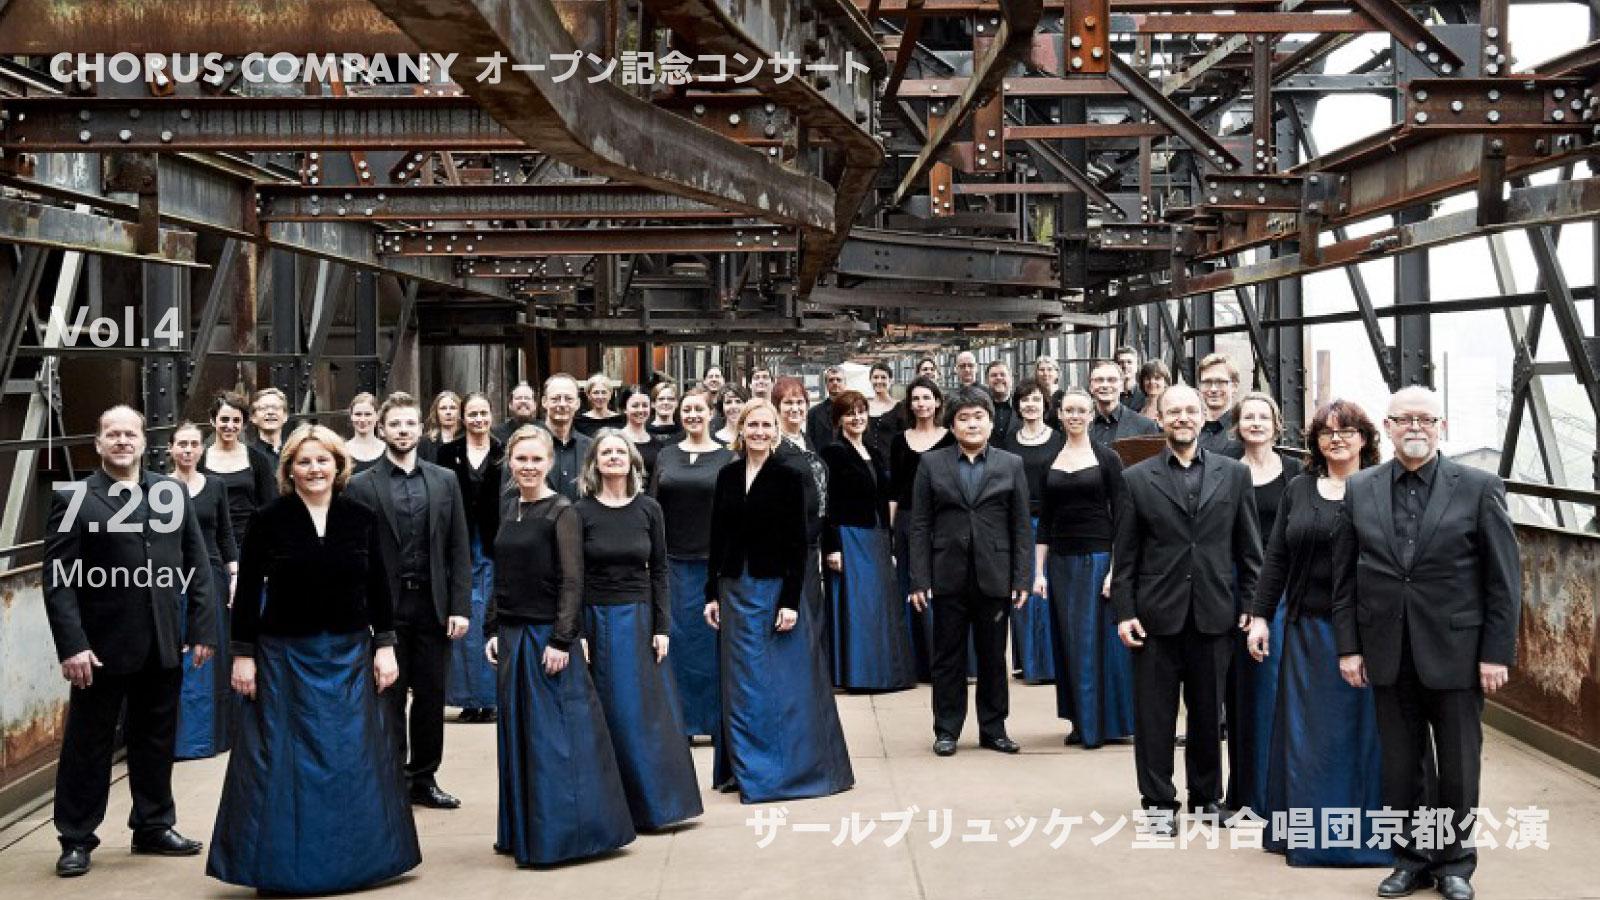 ザールブリュッケン室内合唱団京都公演